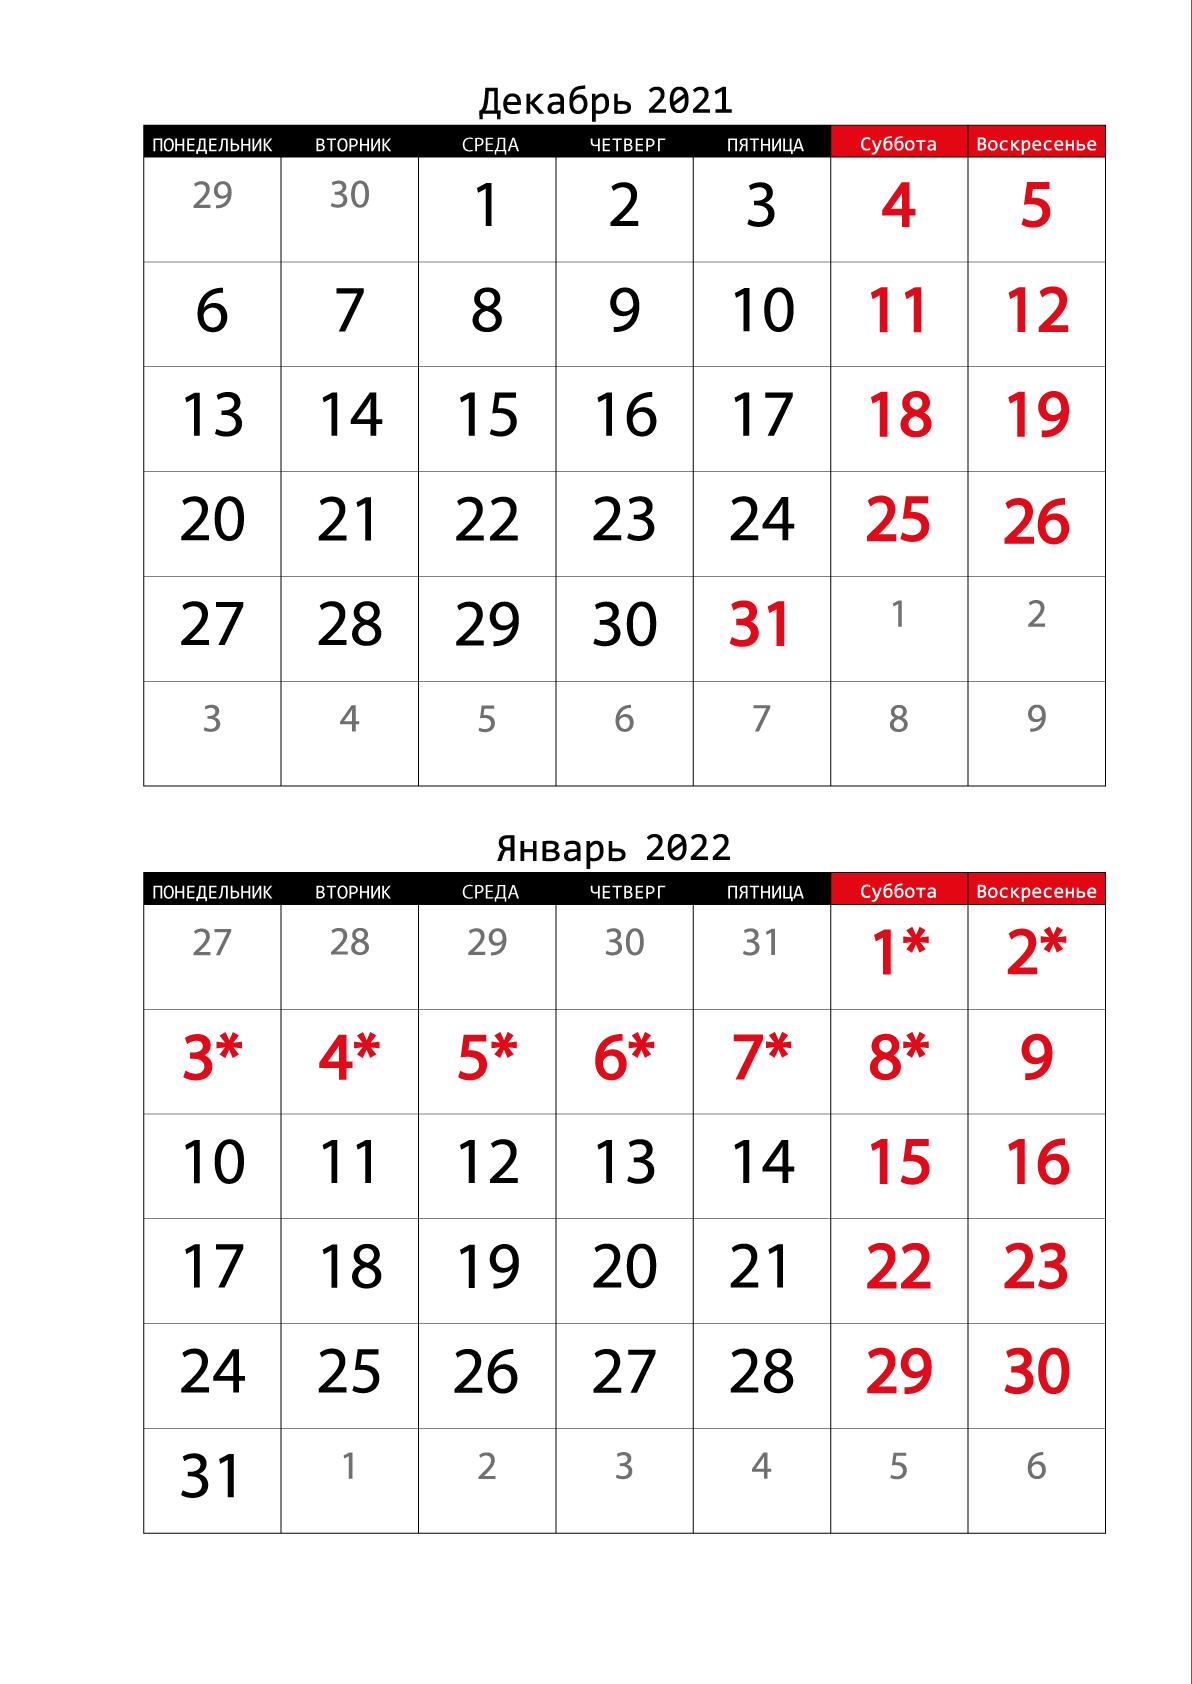 Календарь 2021 на Декабрь, Январь вертикальный крупный